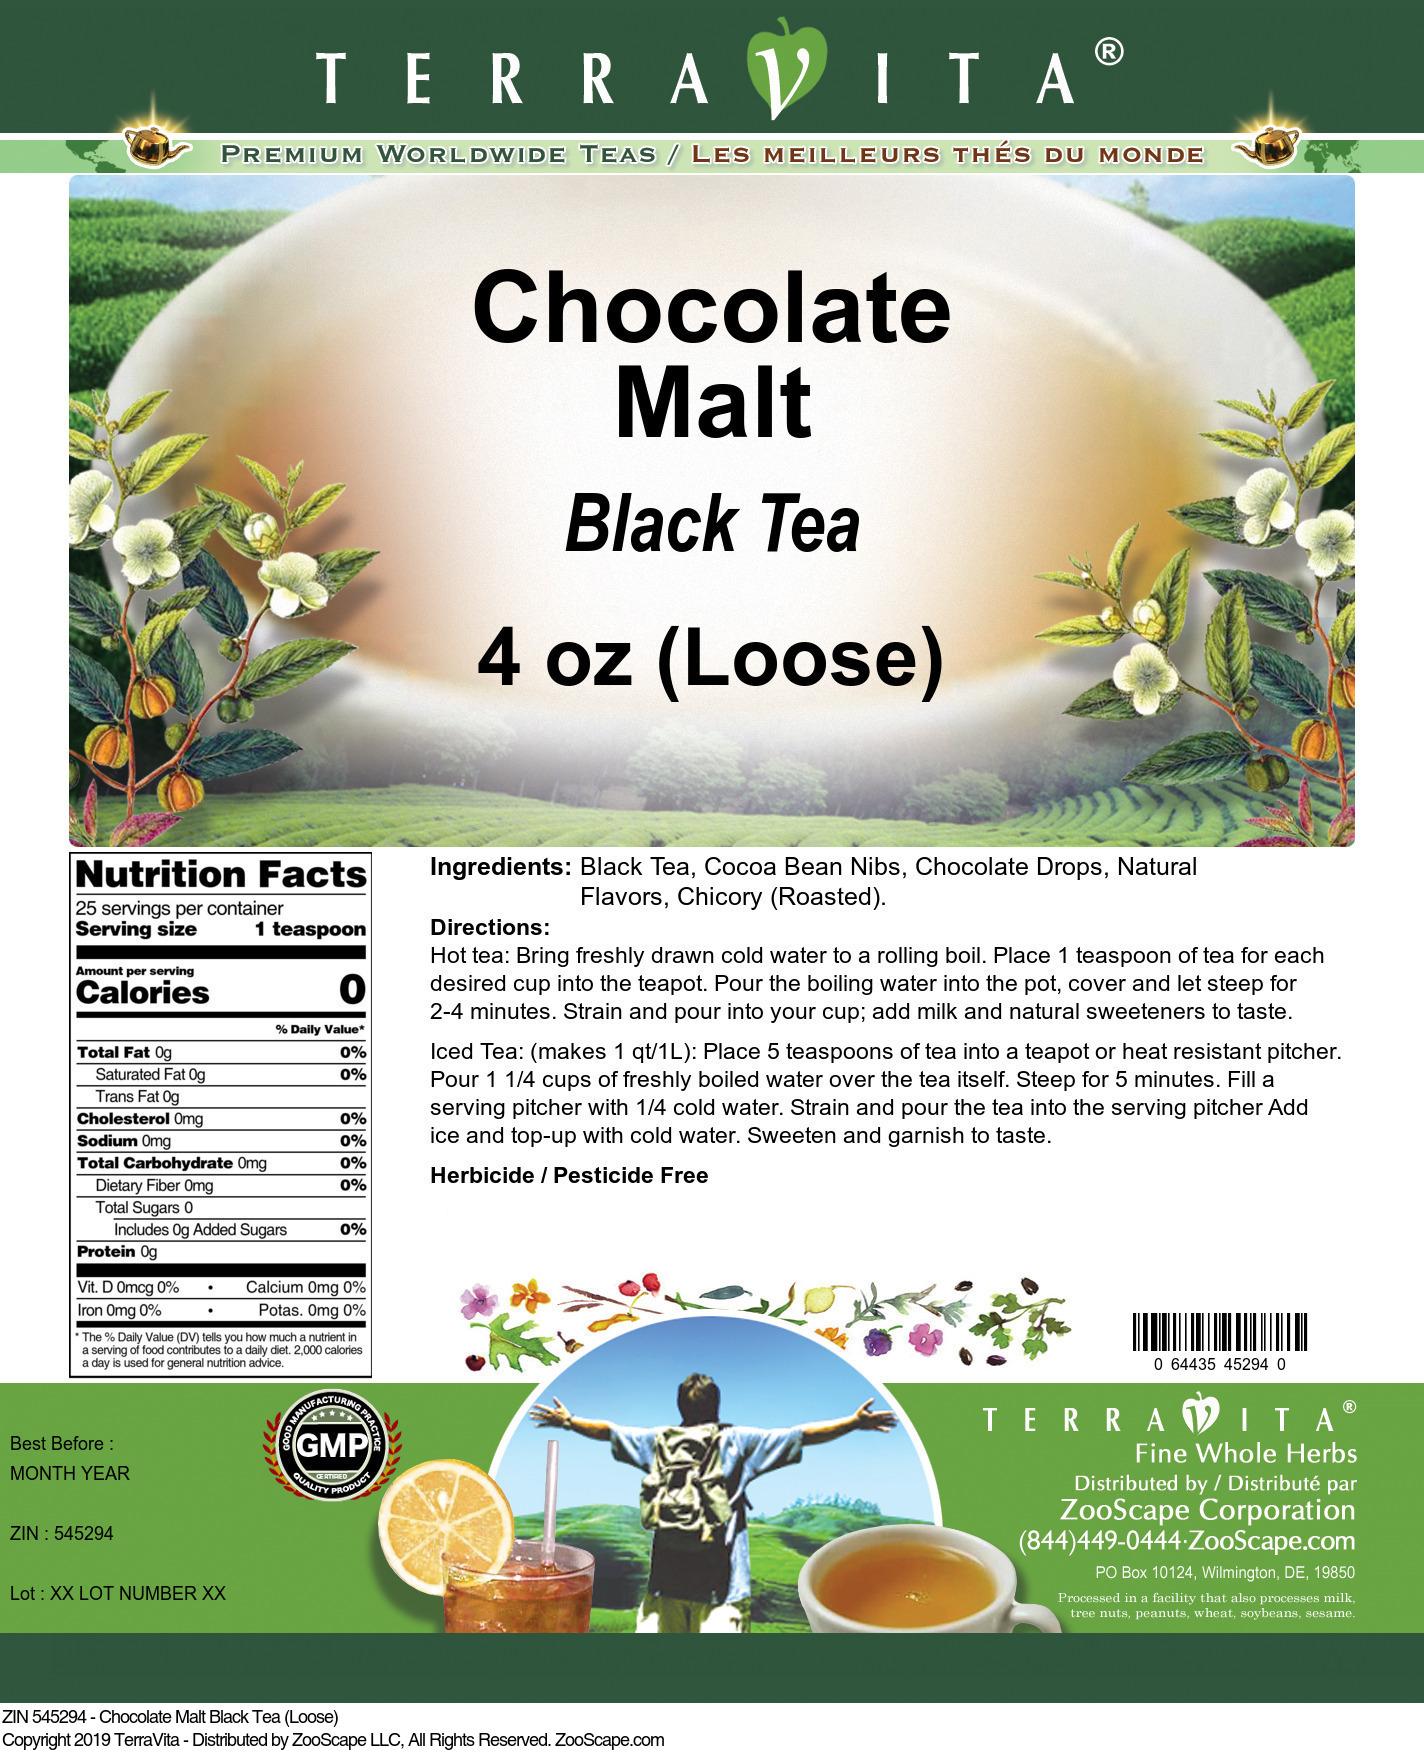 Chocolate Malt Black Tea (Loose)